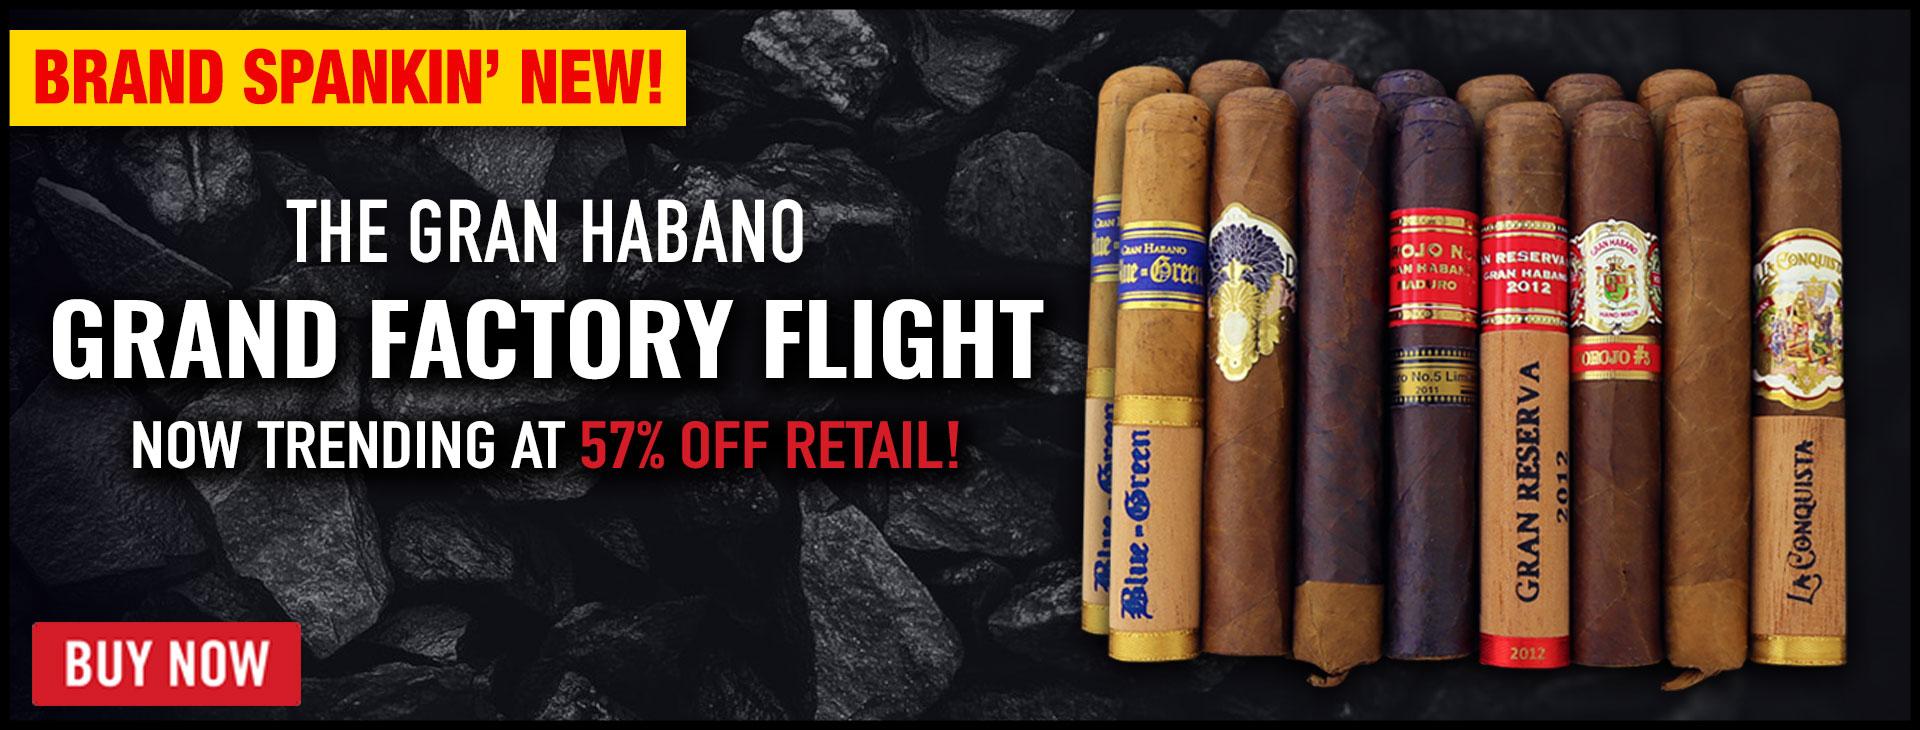 gran-habano-factory-flight-2020-banner.jpg